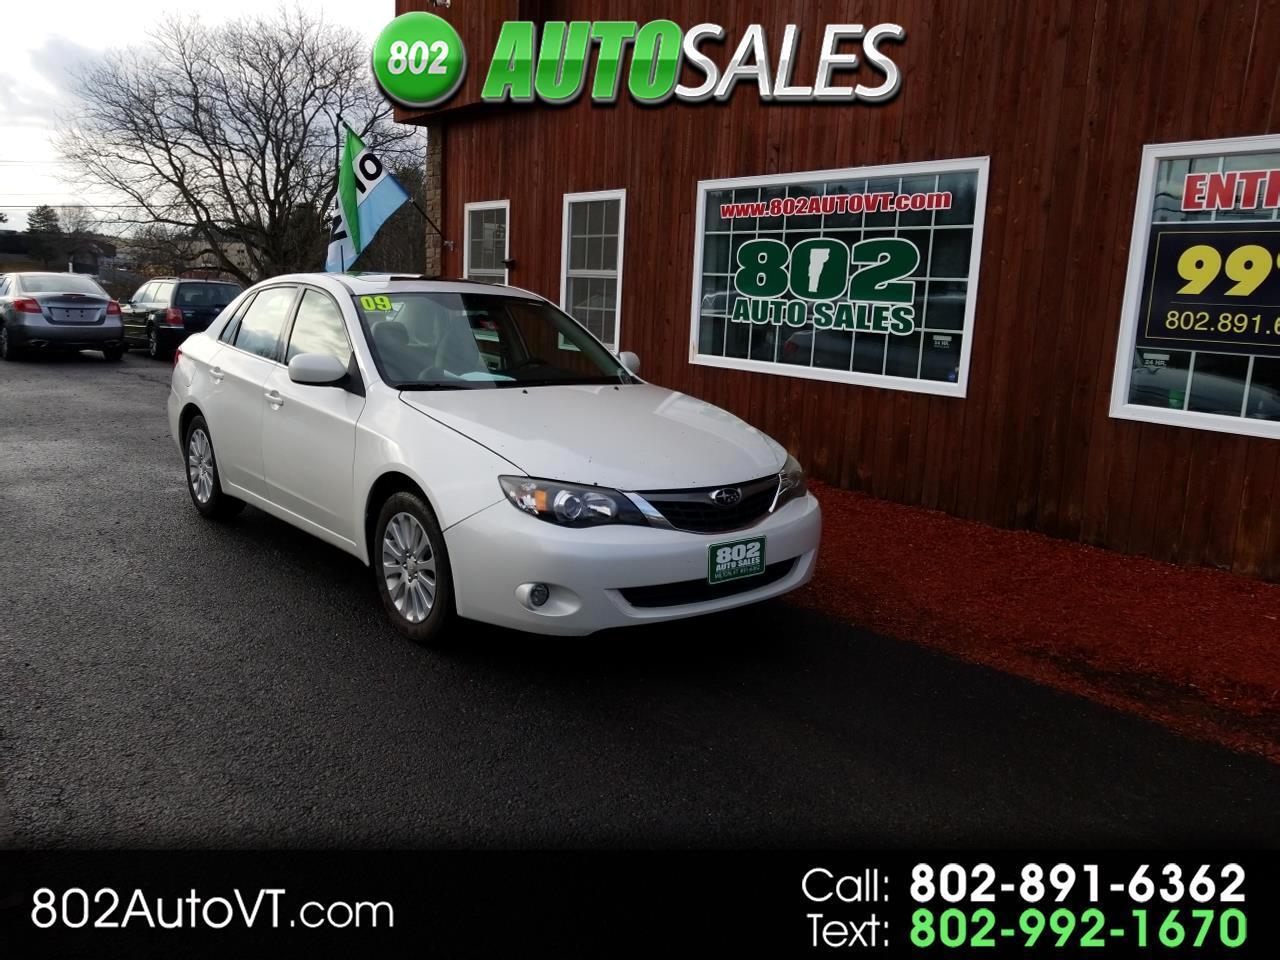 2009 Subaru Impreza Sedan 4dr Auto i w/Premium Pkg